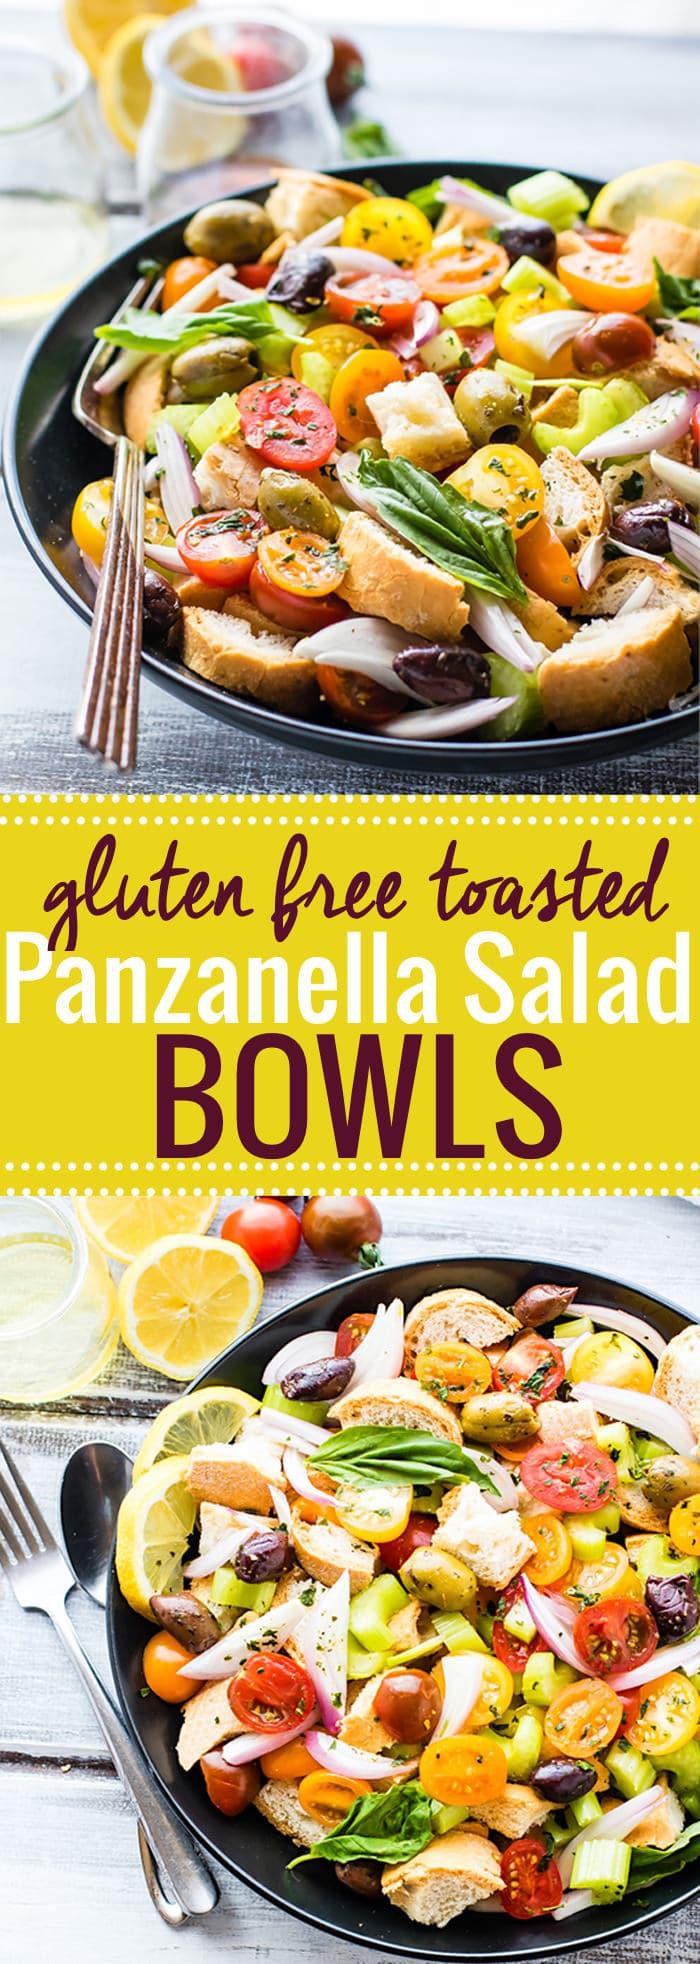 toasted panzanella salad bowls